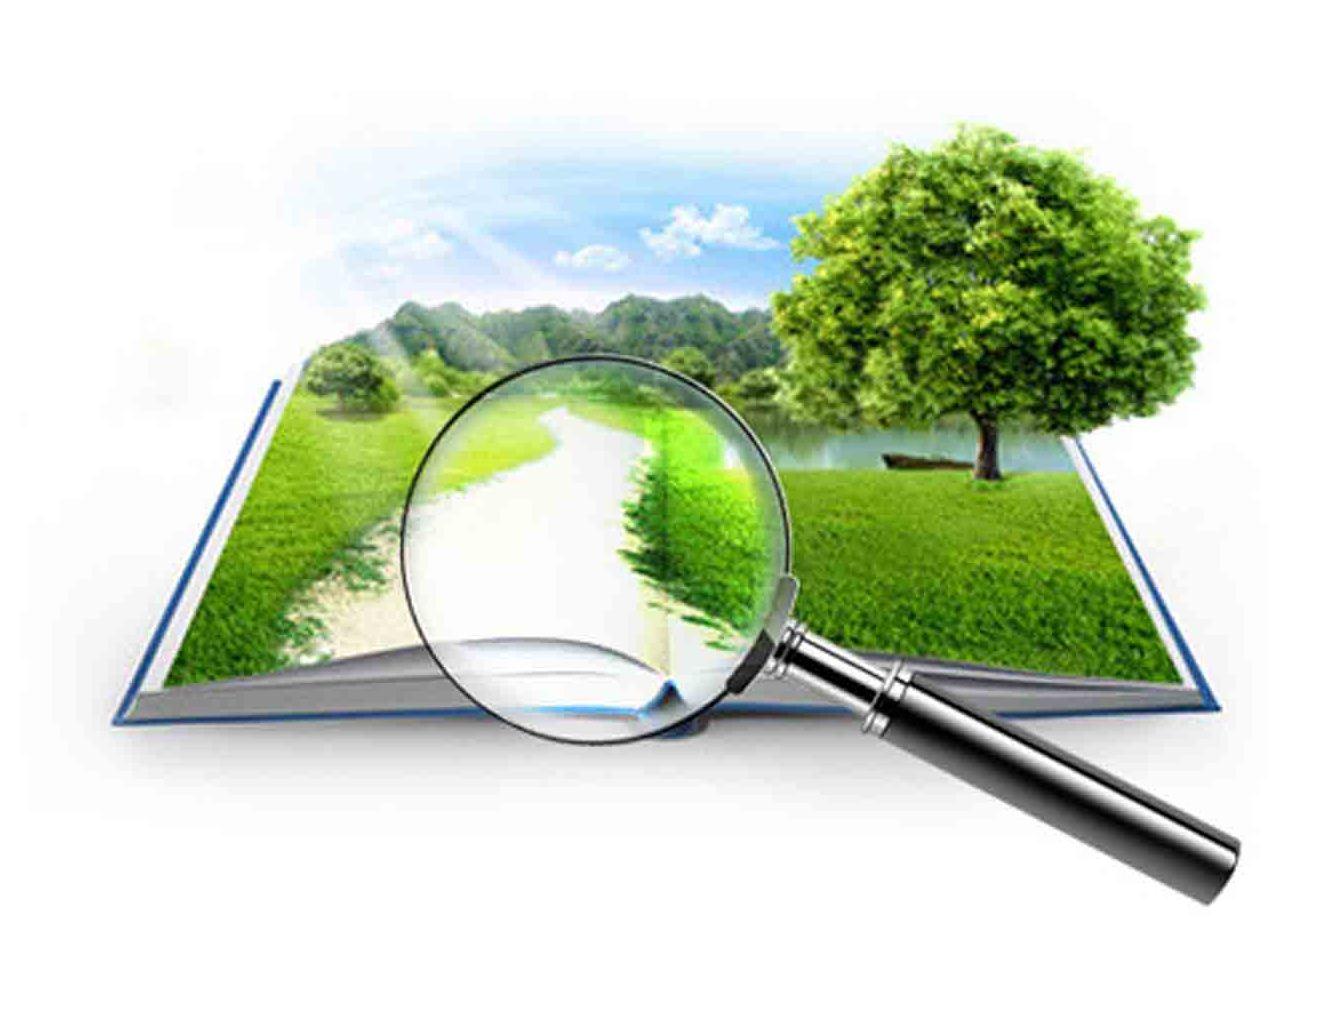 Независимая оценка земельного участка с отчетом эксперта